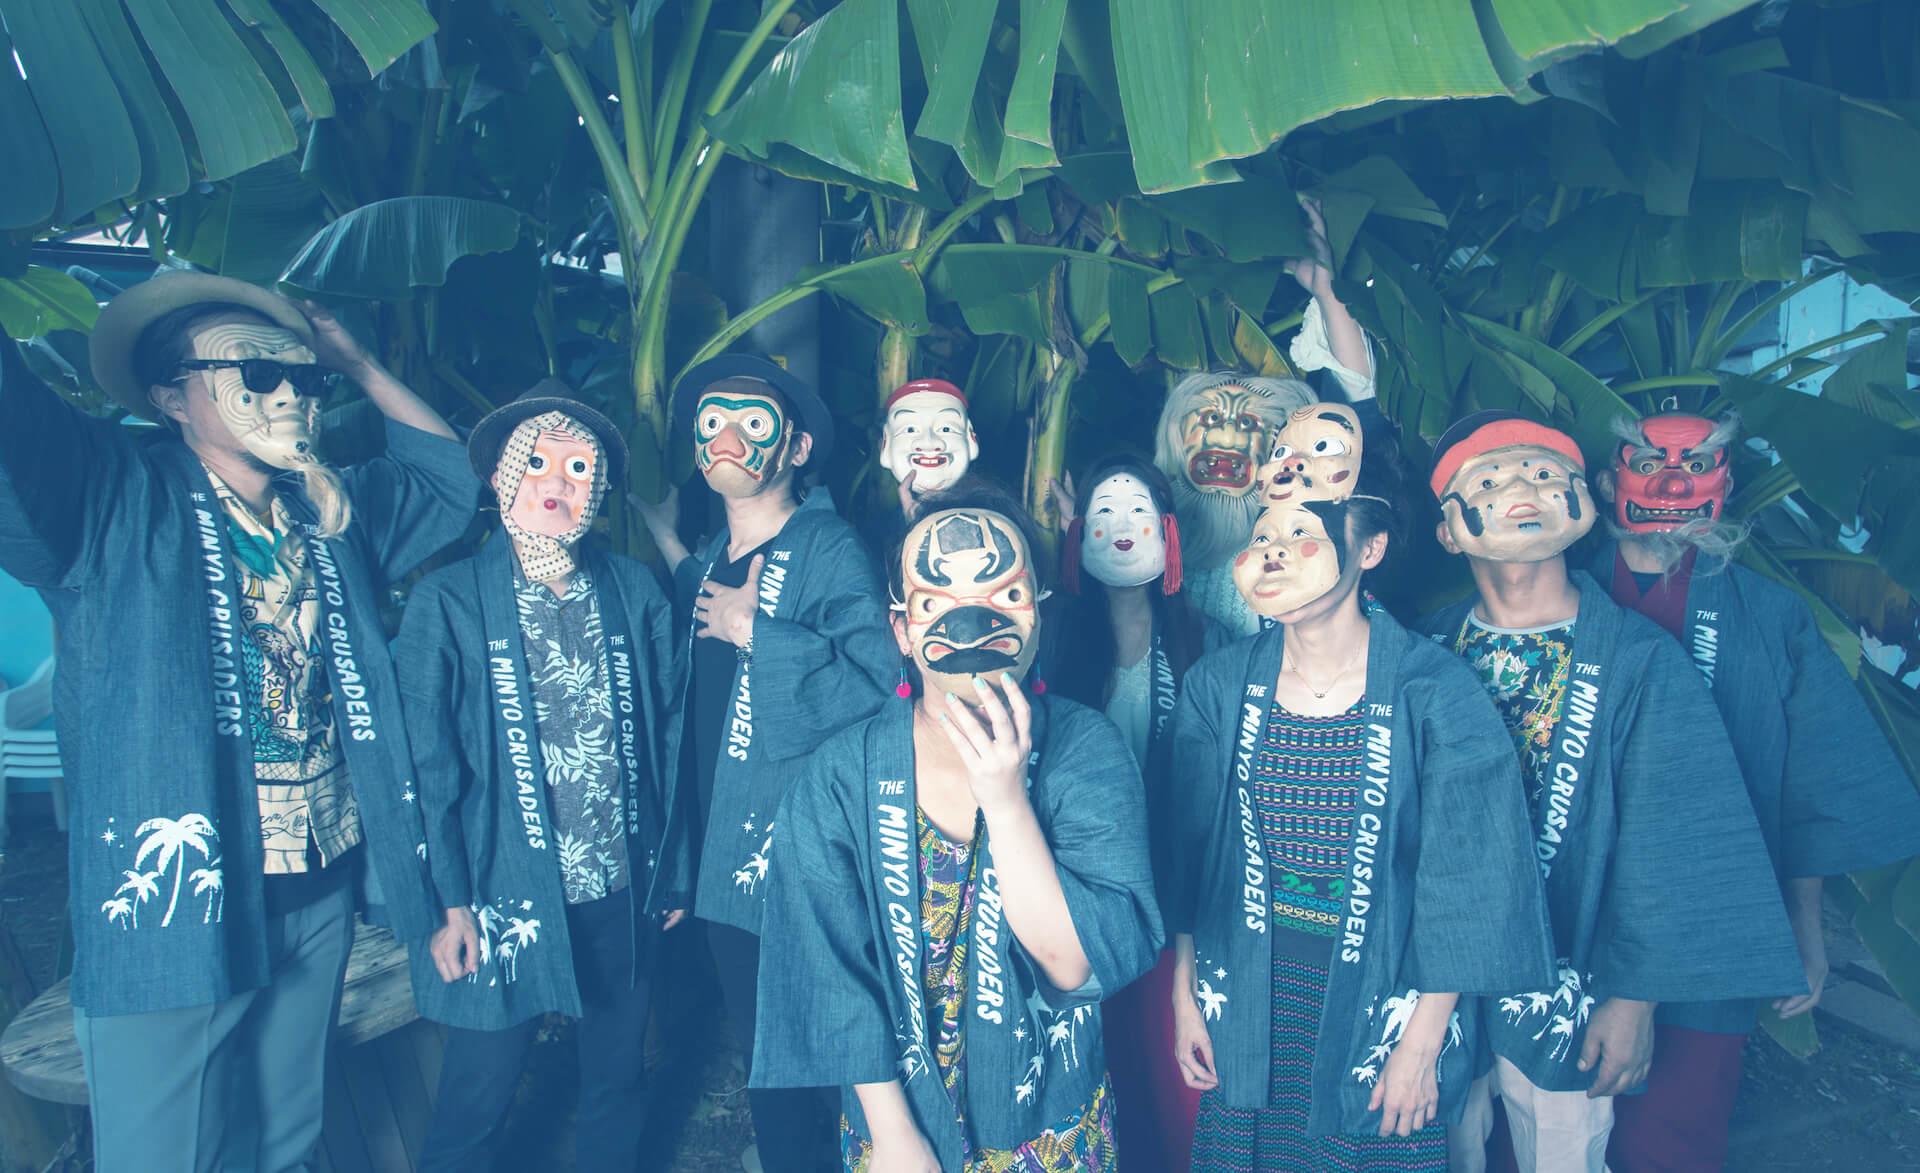 WWW Xで開催の<続・オルタナティヴな秋だね!>にWool & The Pants、民謡クルセイダーズ、食品まつり a.k.a foodman、やけのはらの4組が出演! music210929_alternative_1